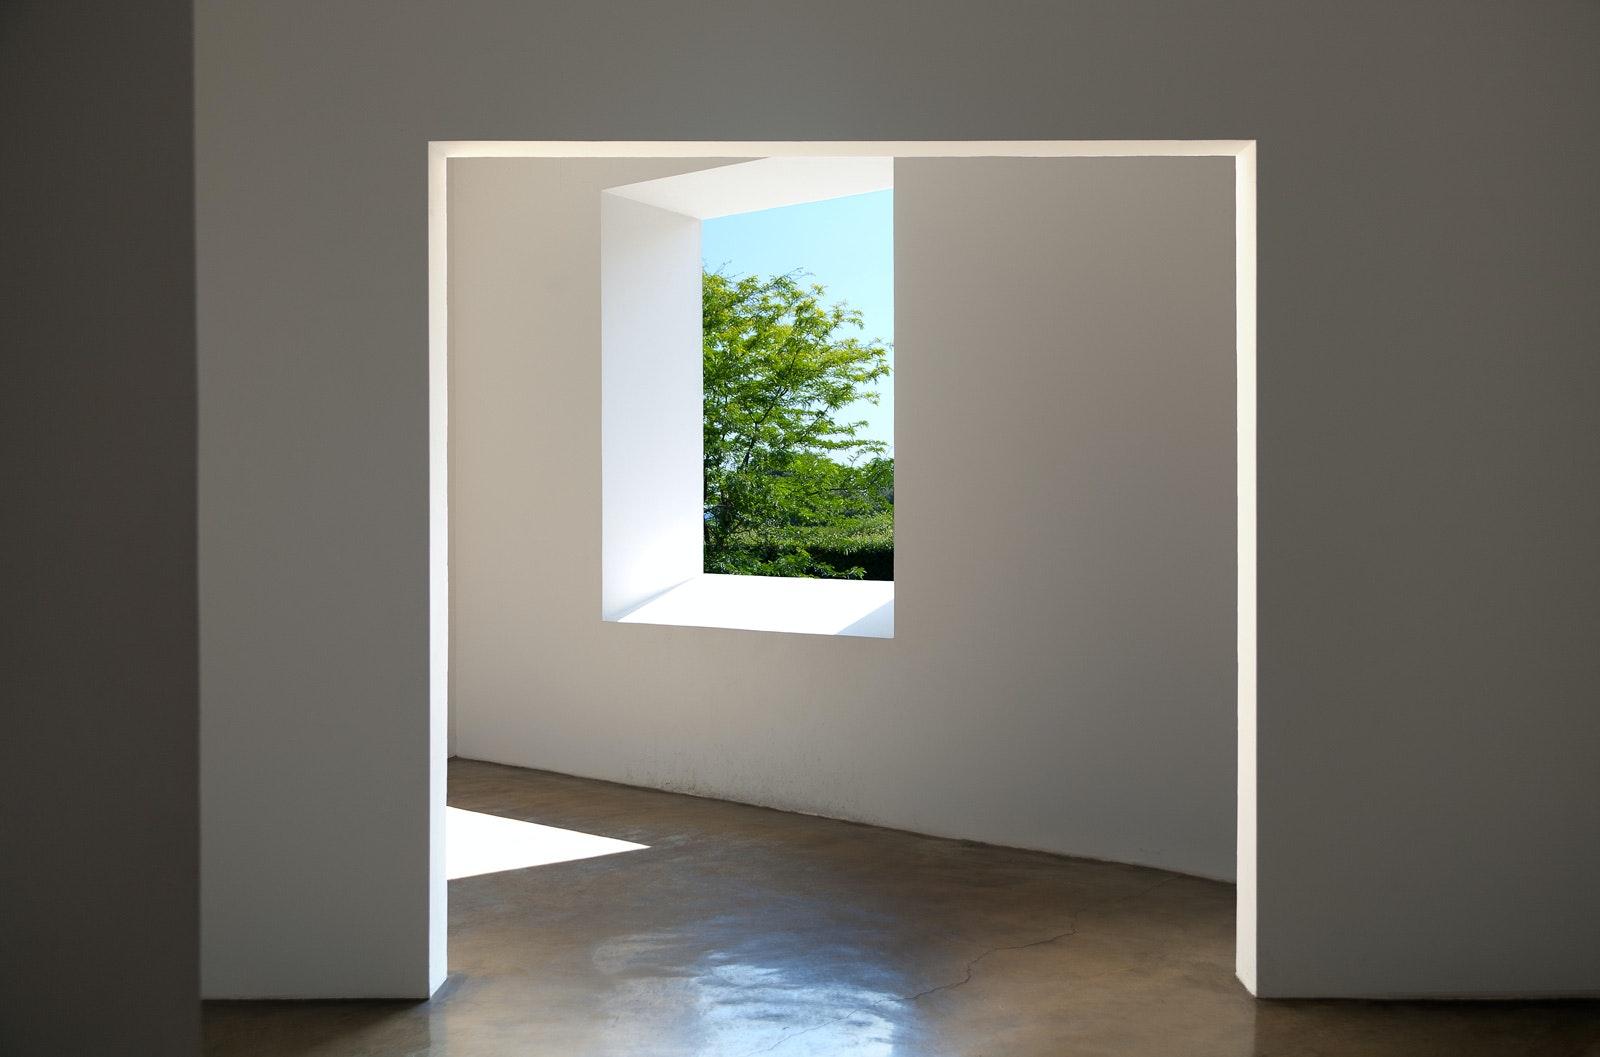 """Ala dei rustici. """"Varese portal room"""" di Robert Irwin (1973), VILLA E COLLEZIONE PANZA, VARESE"""